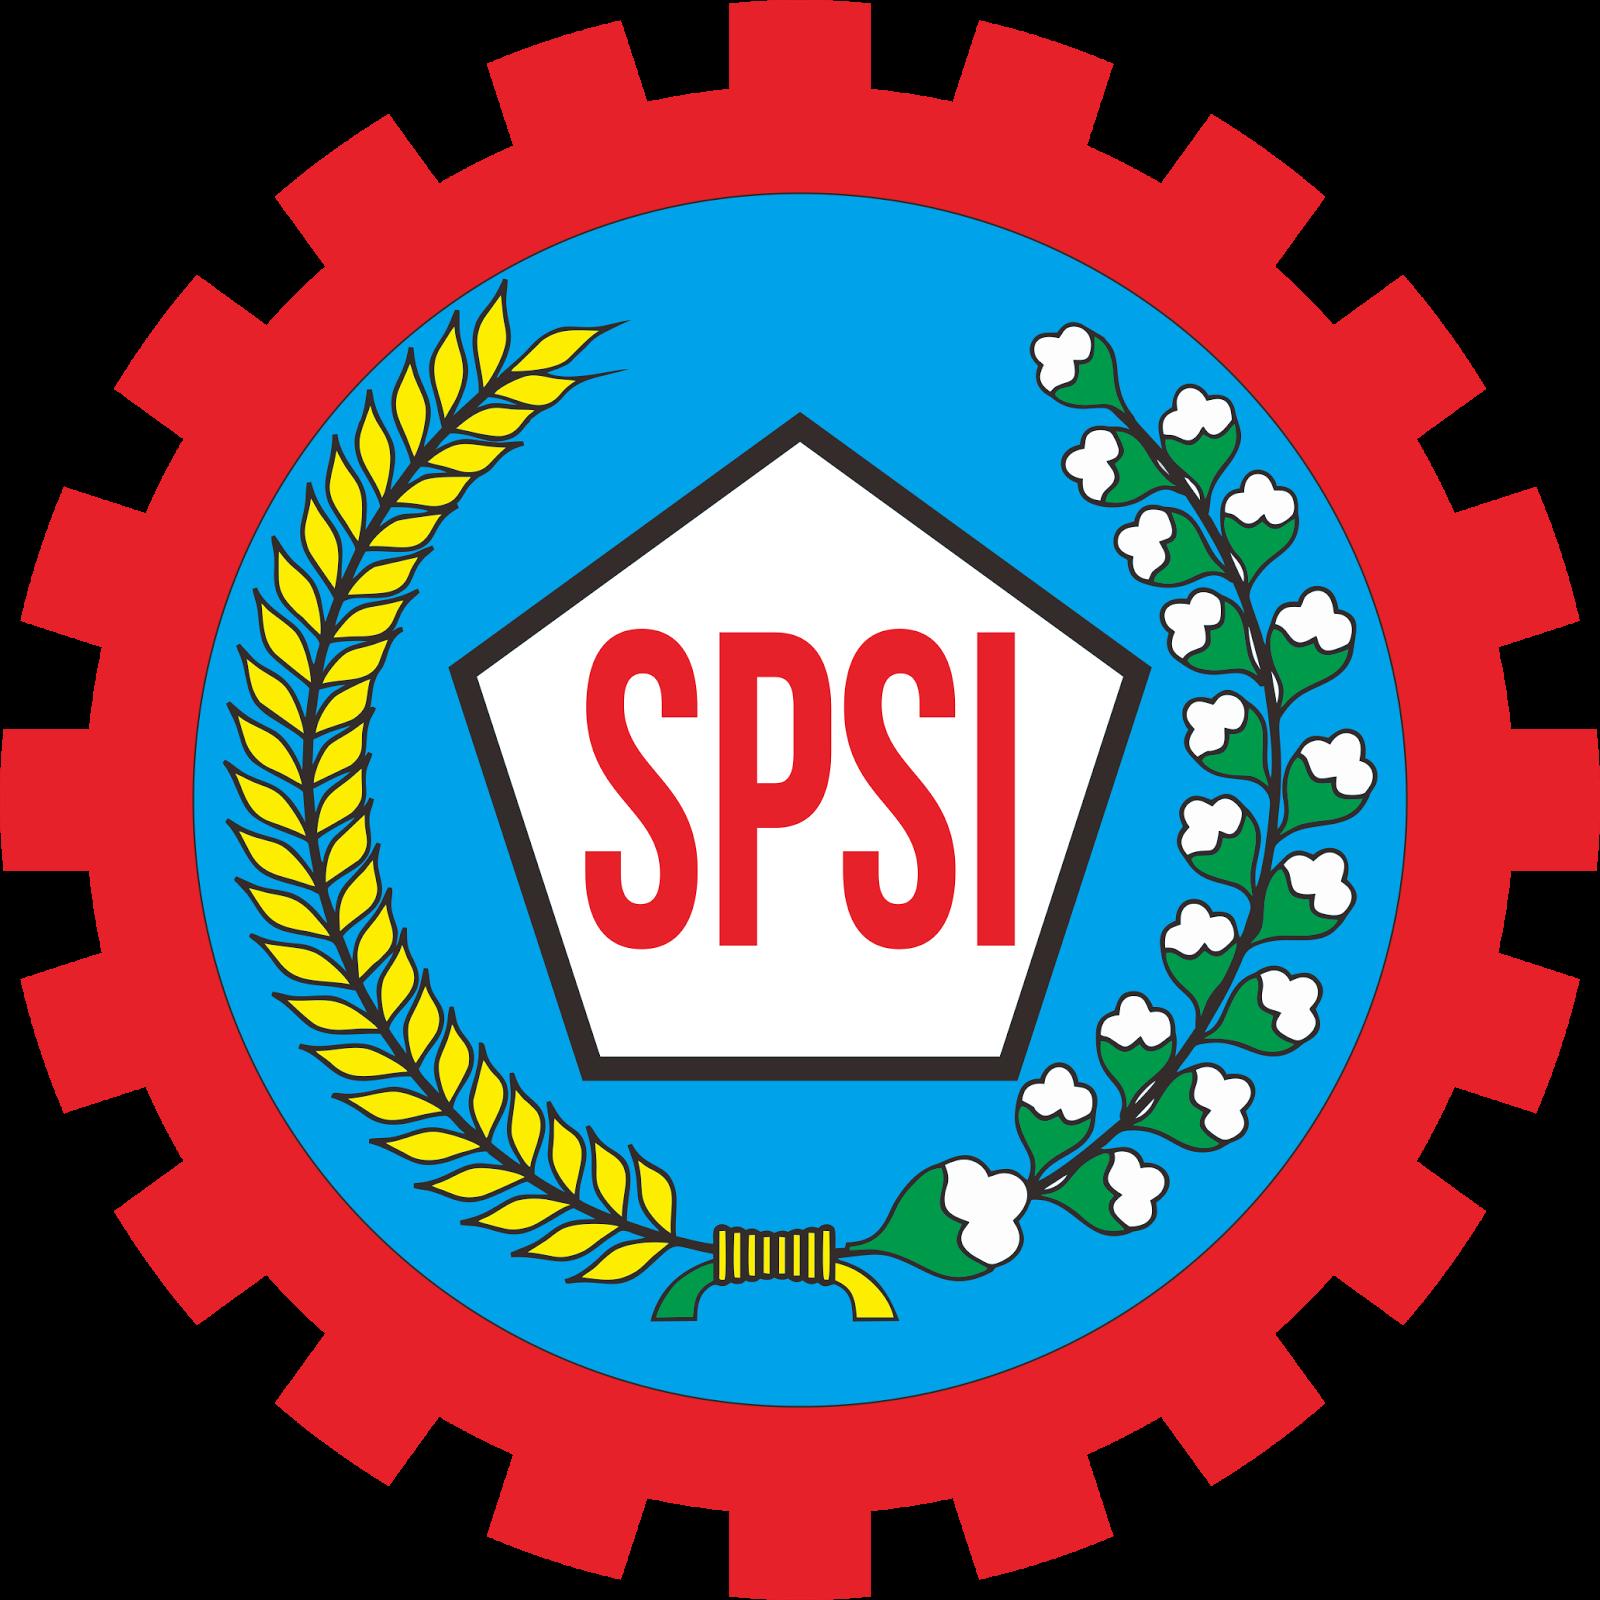 Vector for free: SPSI - SERIKAT PEKERJA SELURUH INDONESIA